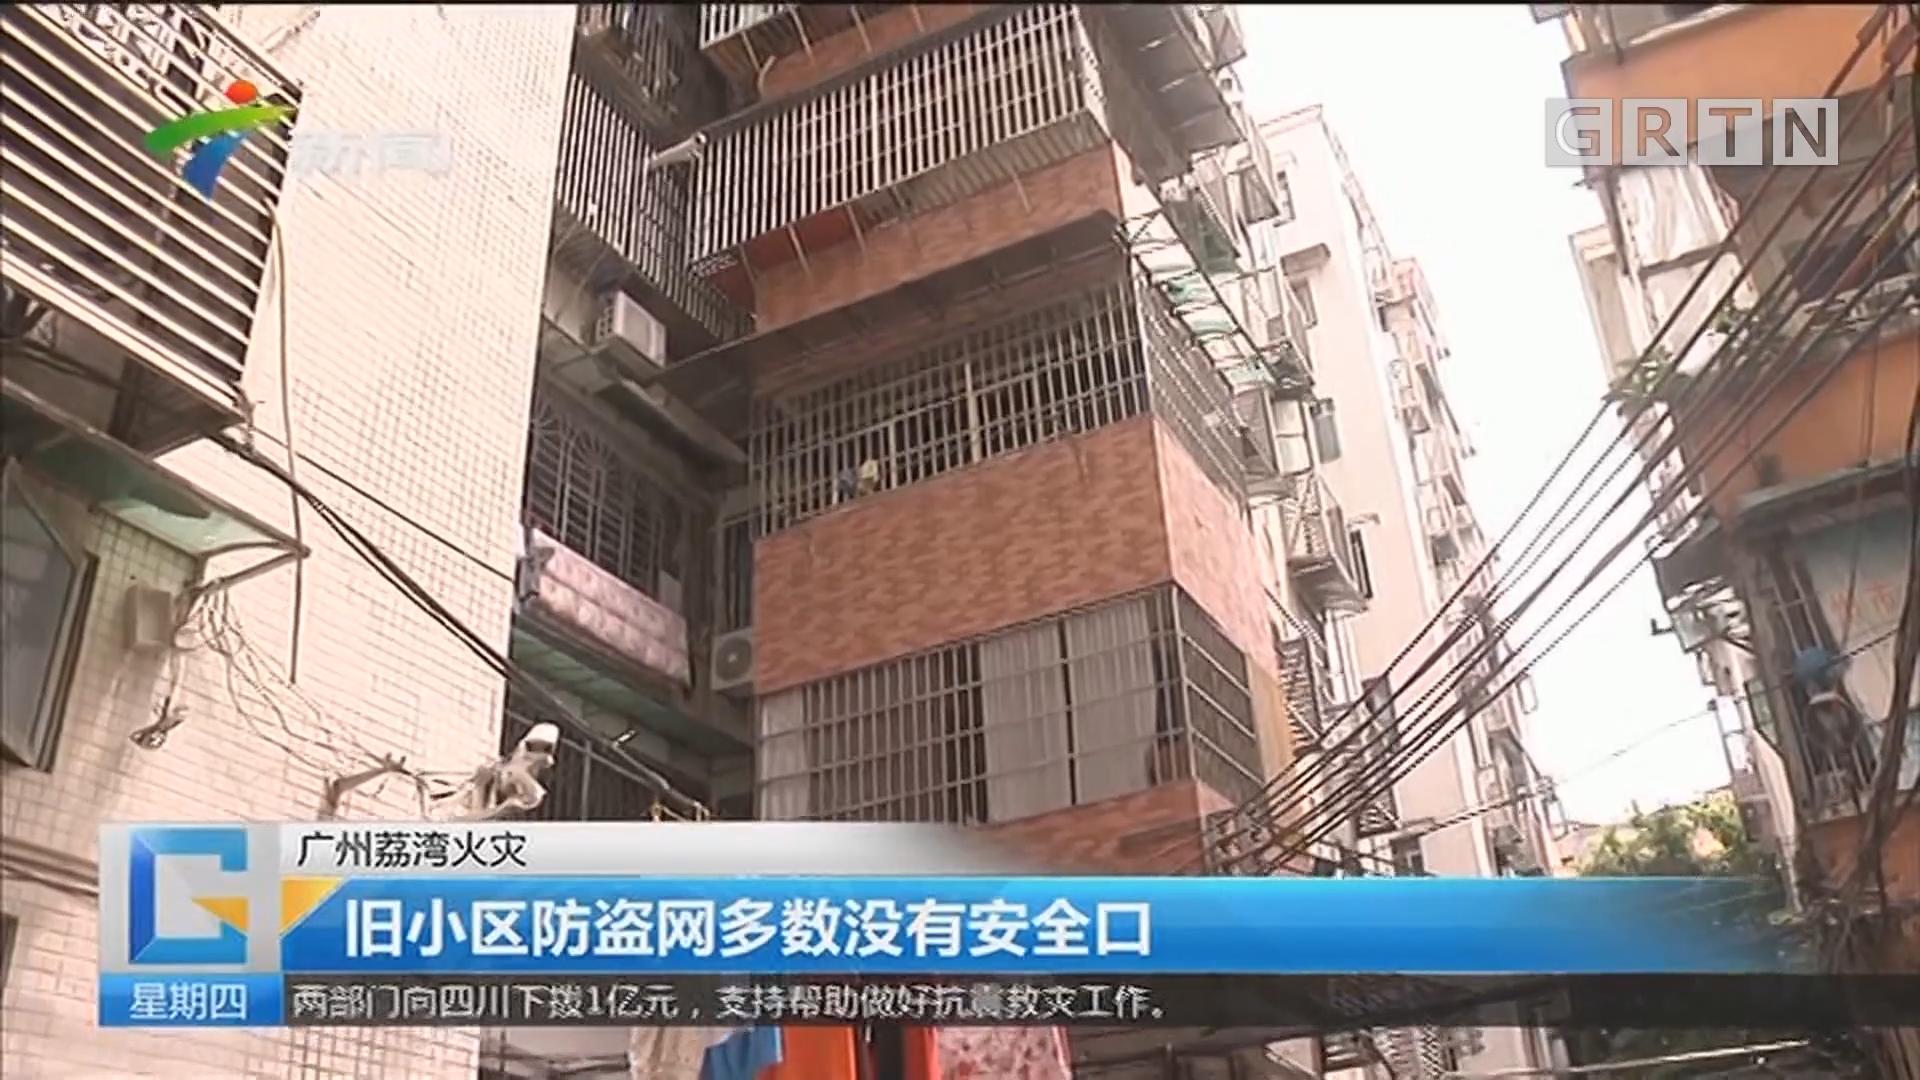 广州荔湾火灾:旧小区防盗网多数没有安全口